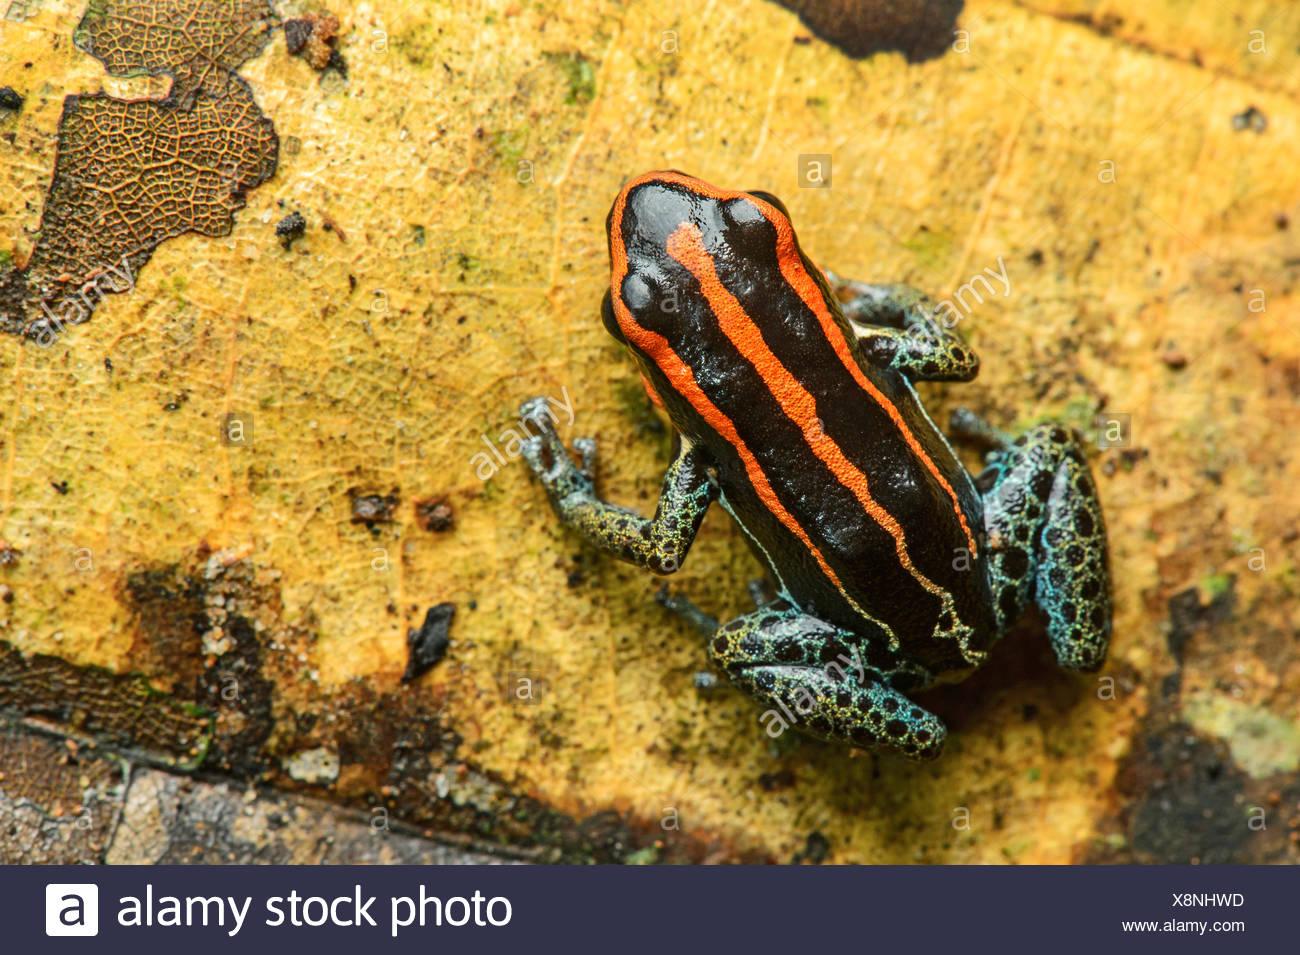 Grenouille poison sanguin ou le poison frog (Zaparas Allobates zaparas), Amazon rainforest, Parc national Yasuni, en Equateur Banque D'Images